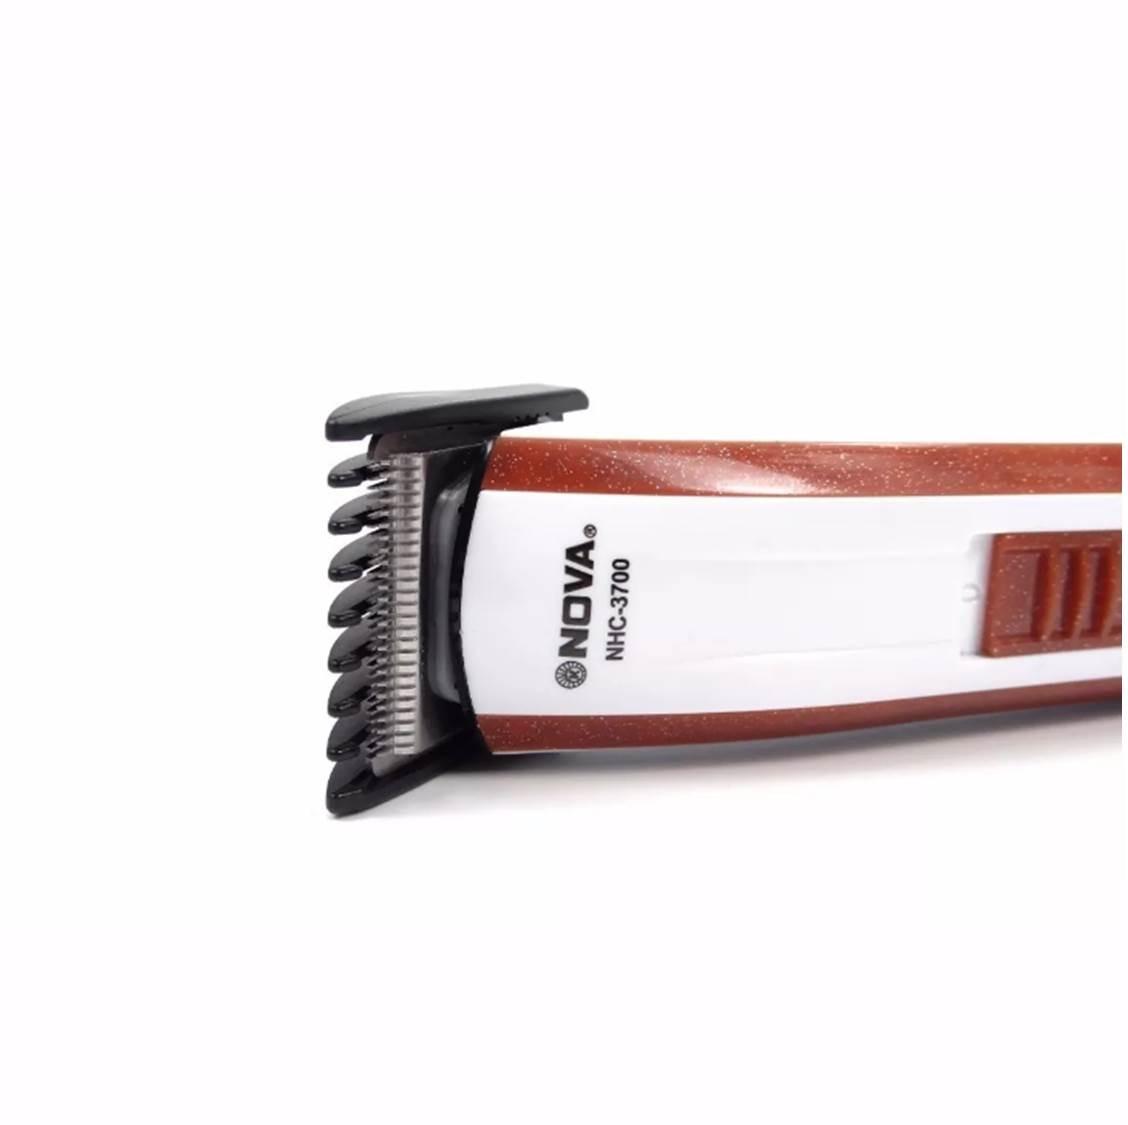 Adesivo De Quarto Para Bebe ~ Máquina Aparador Pelos Corta Cabelo Barba Pezinho Recarregá R$ 13,49 em Mercado Livre